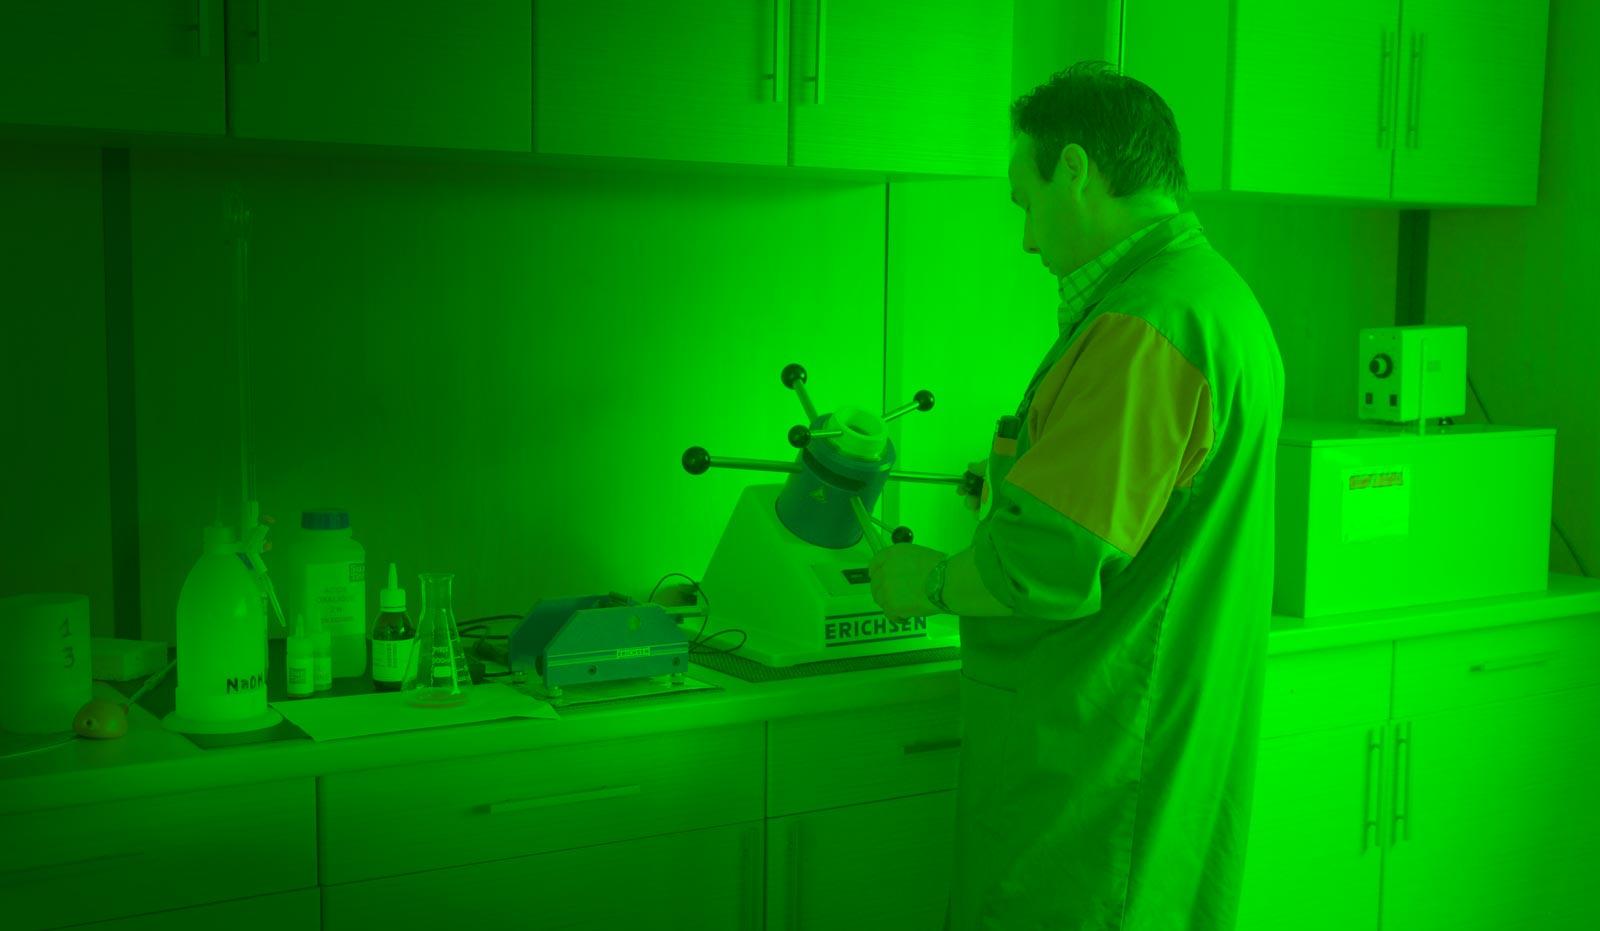 Notre chimiste en action